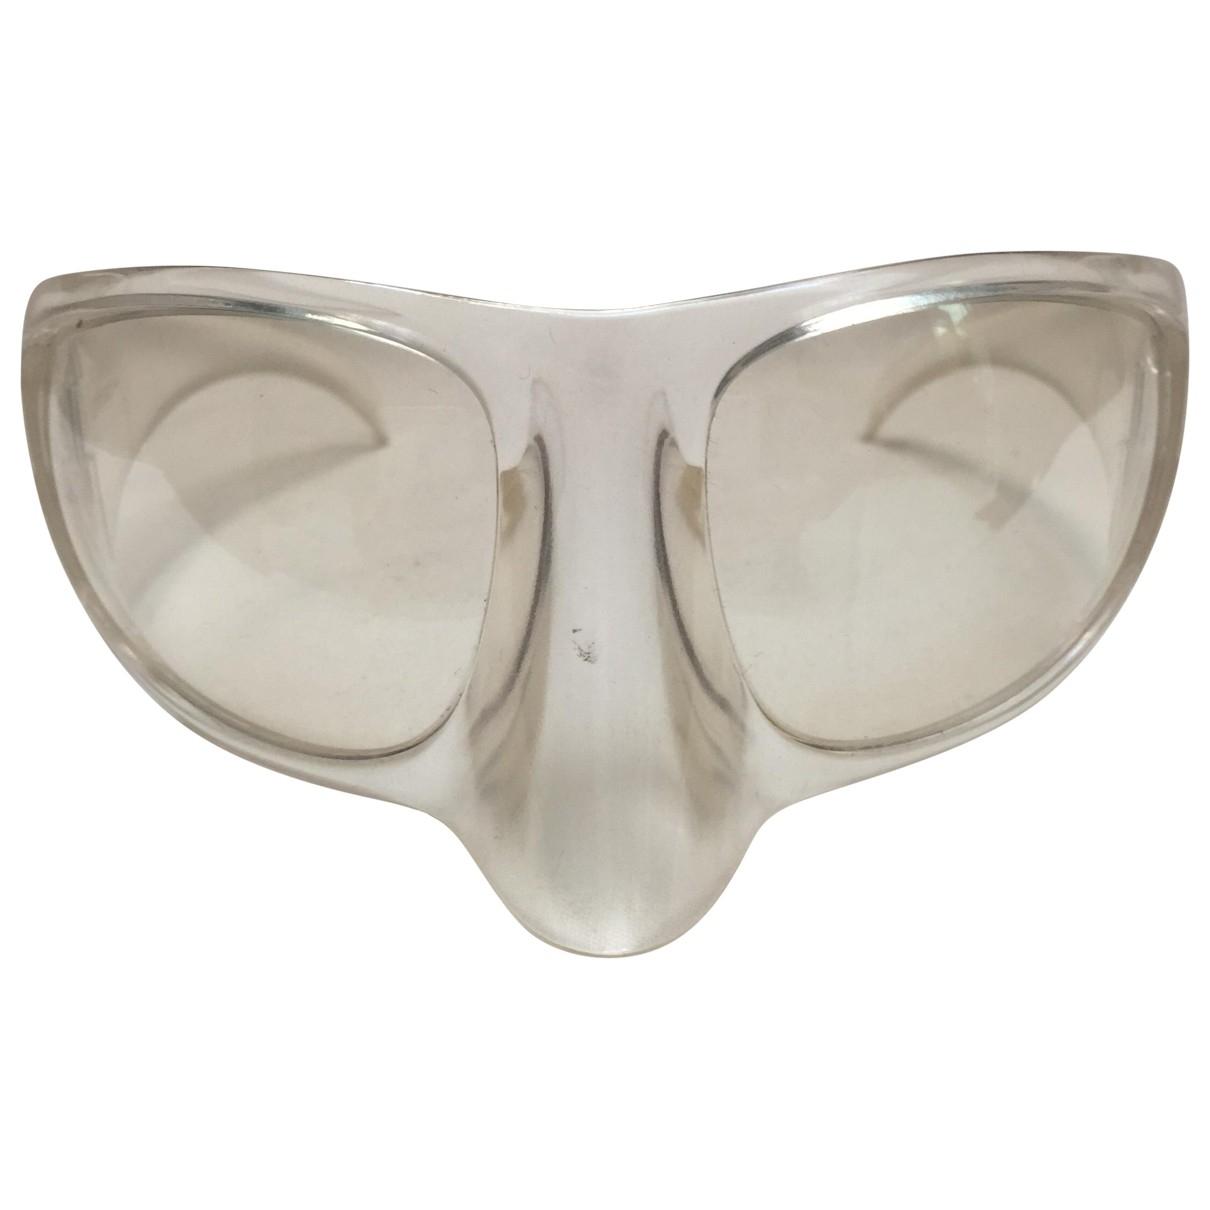 Gafas mascara Bernhard Willhelm